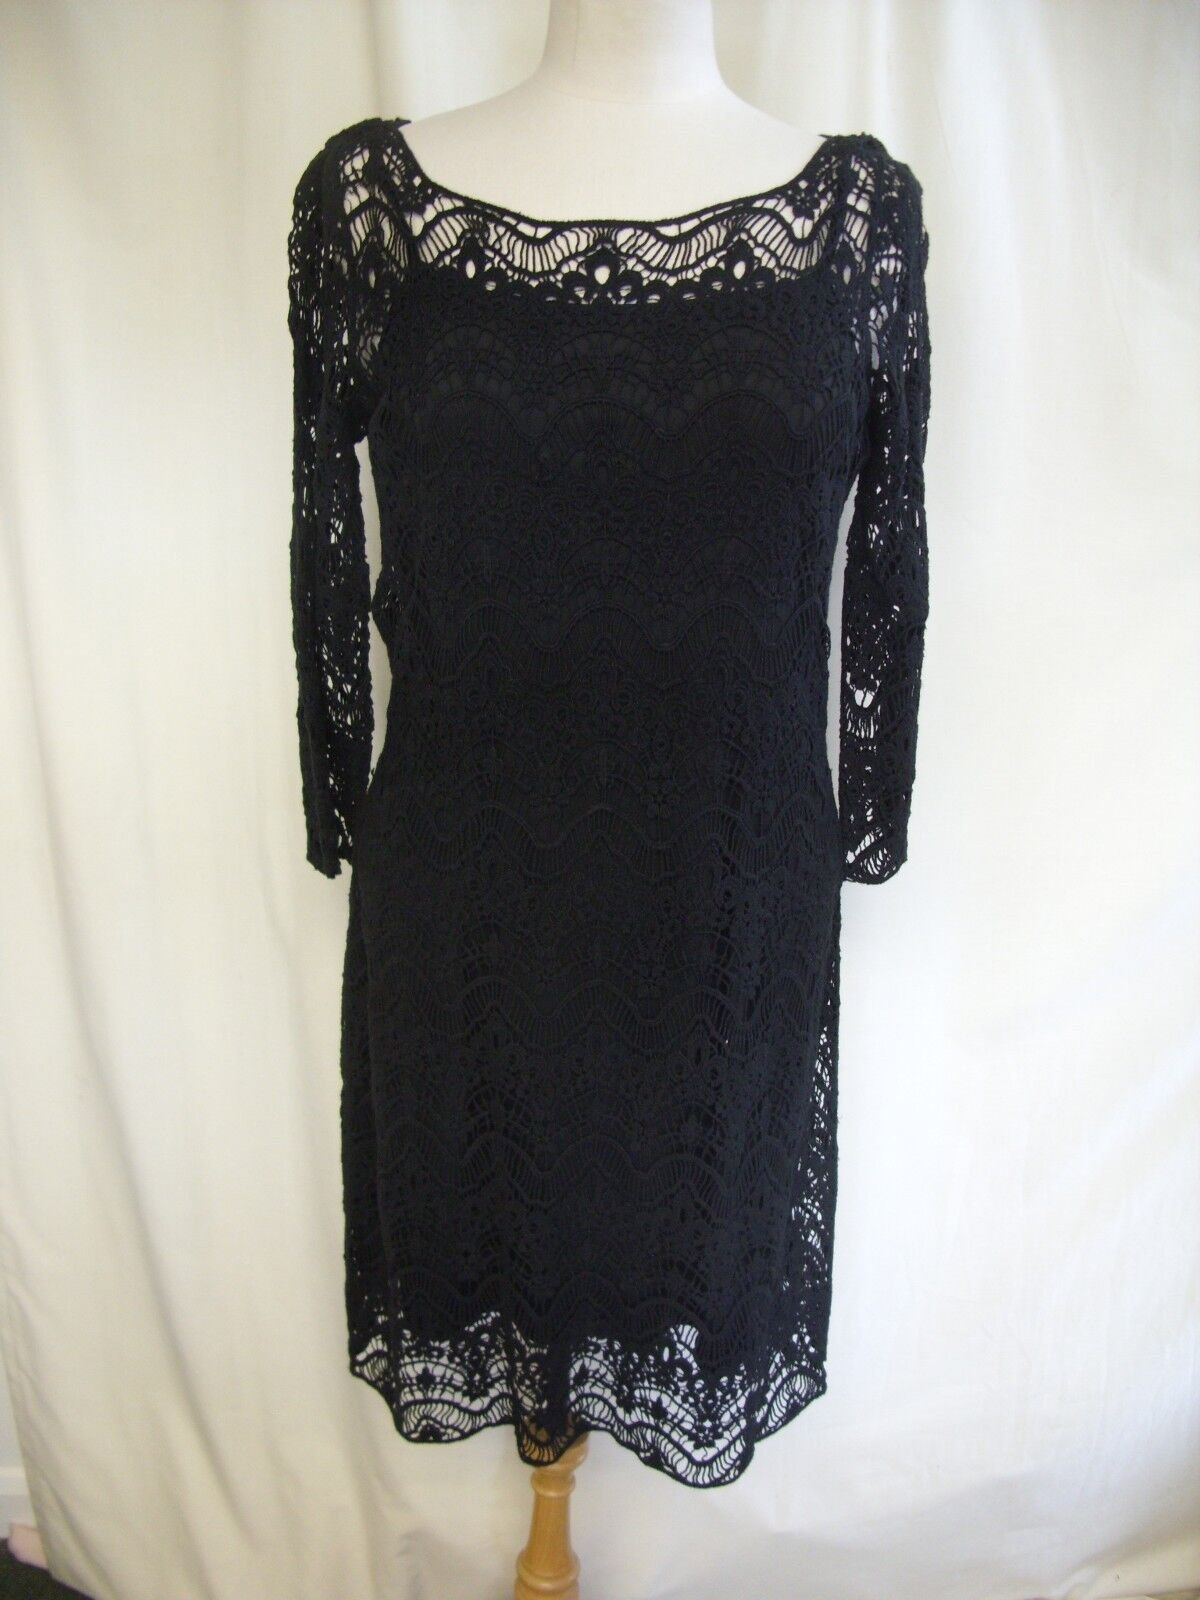 Damas Vestido Ralph Lauren Talla M, Negro  Encaje de Algodón & SLIP, nuevo pero segundos 2239  ahorra hasta un 30-50% de descuento